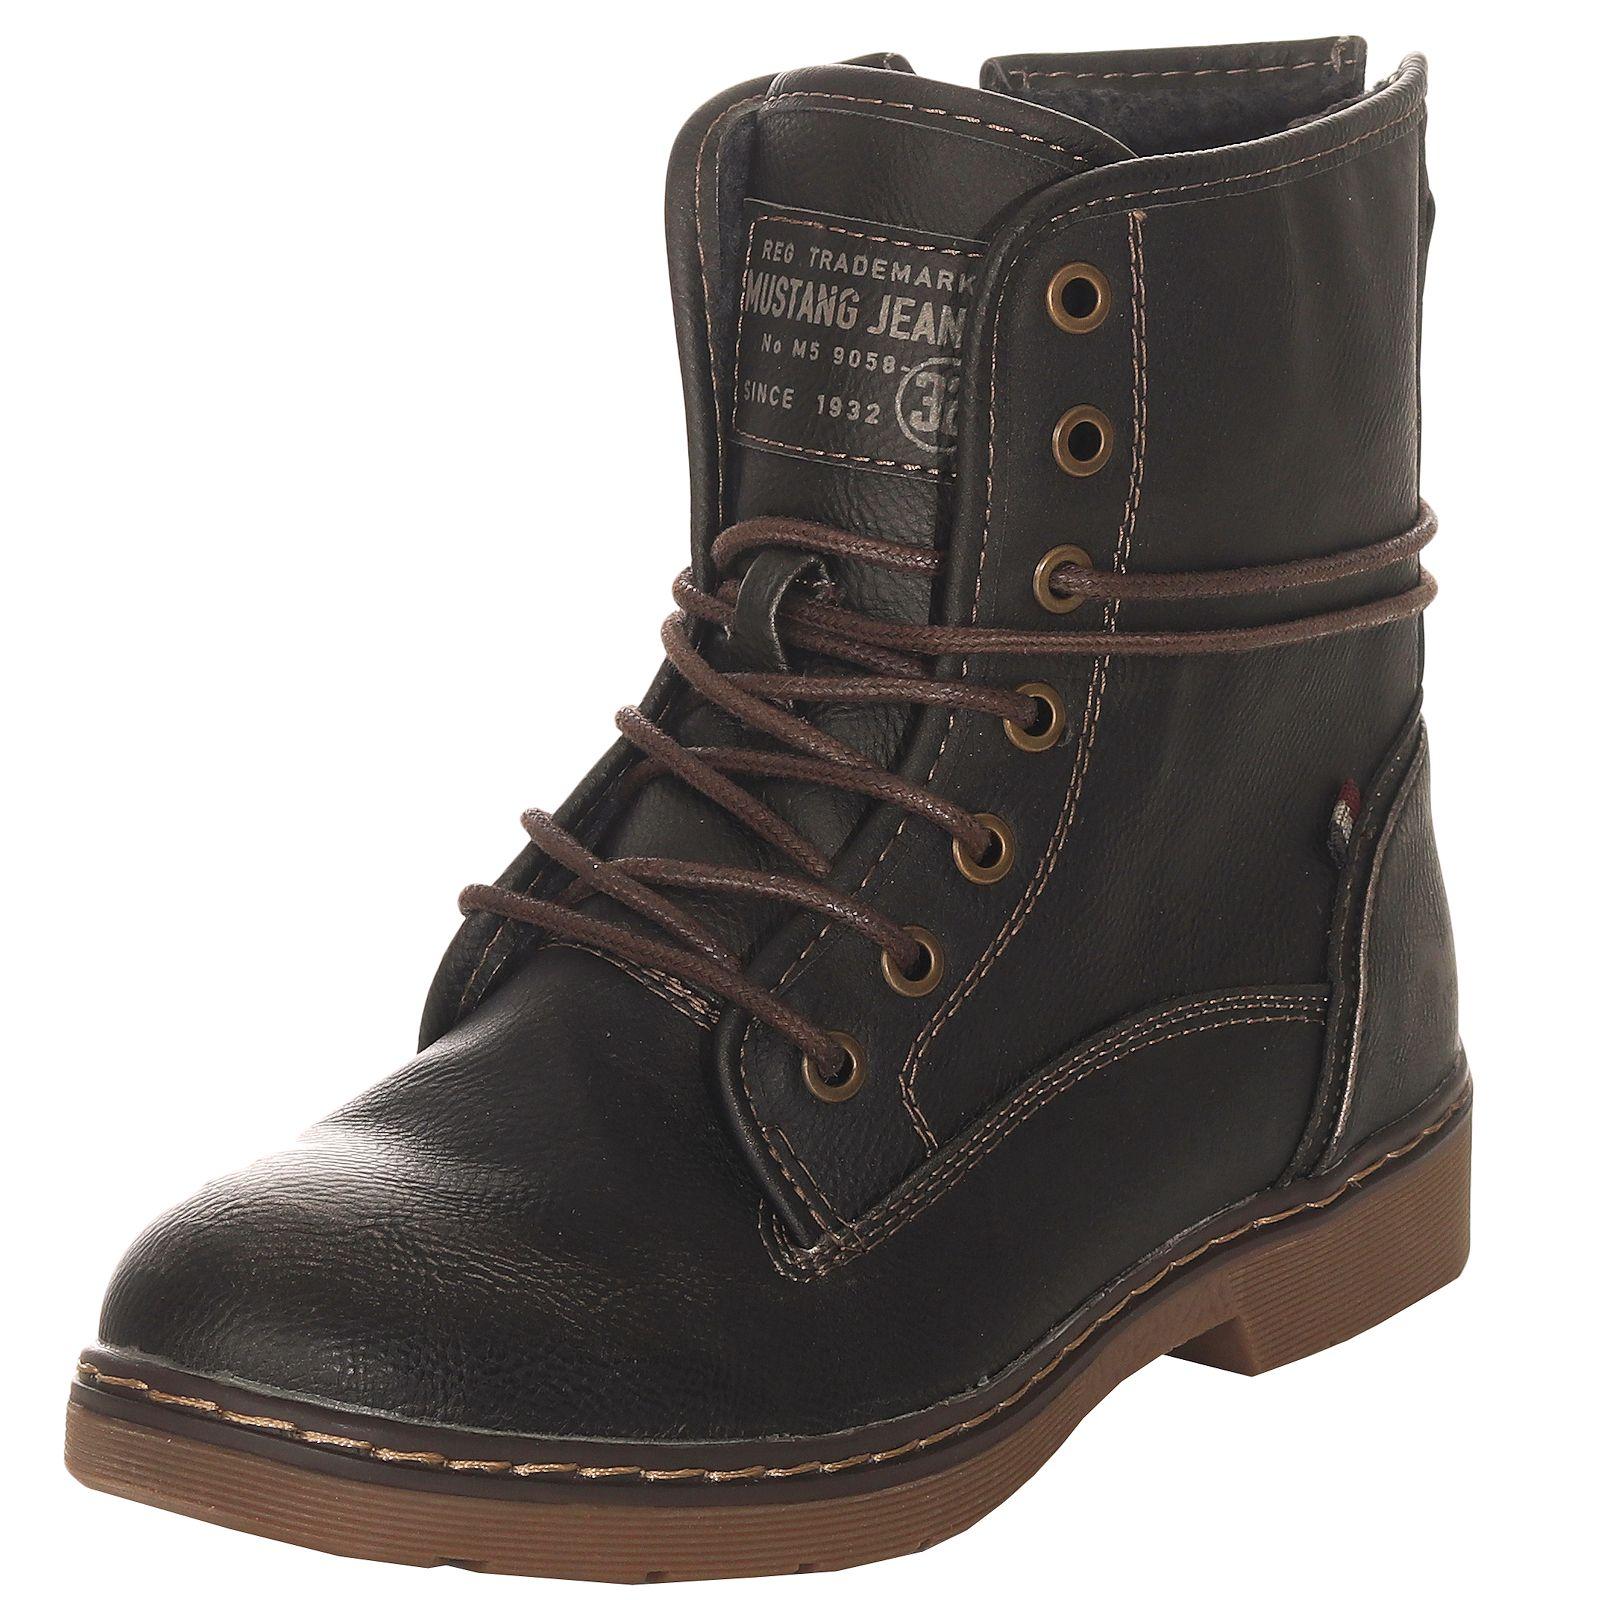 1f03d125017e44 Mustang Damen Winterschuhe Stiefel Boots Stiefeletten Damenschuhe ...